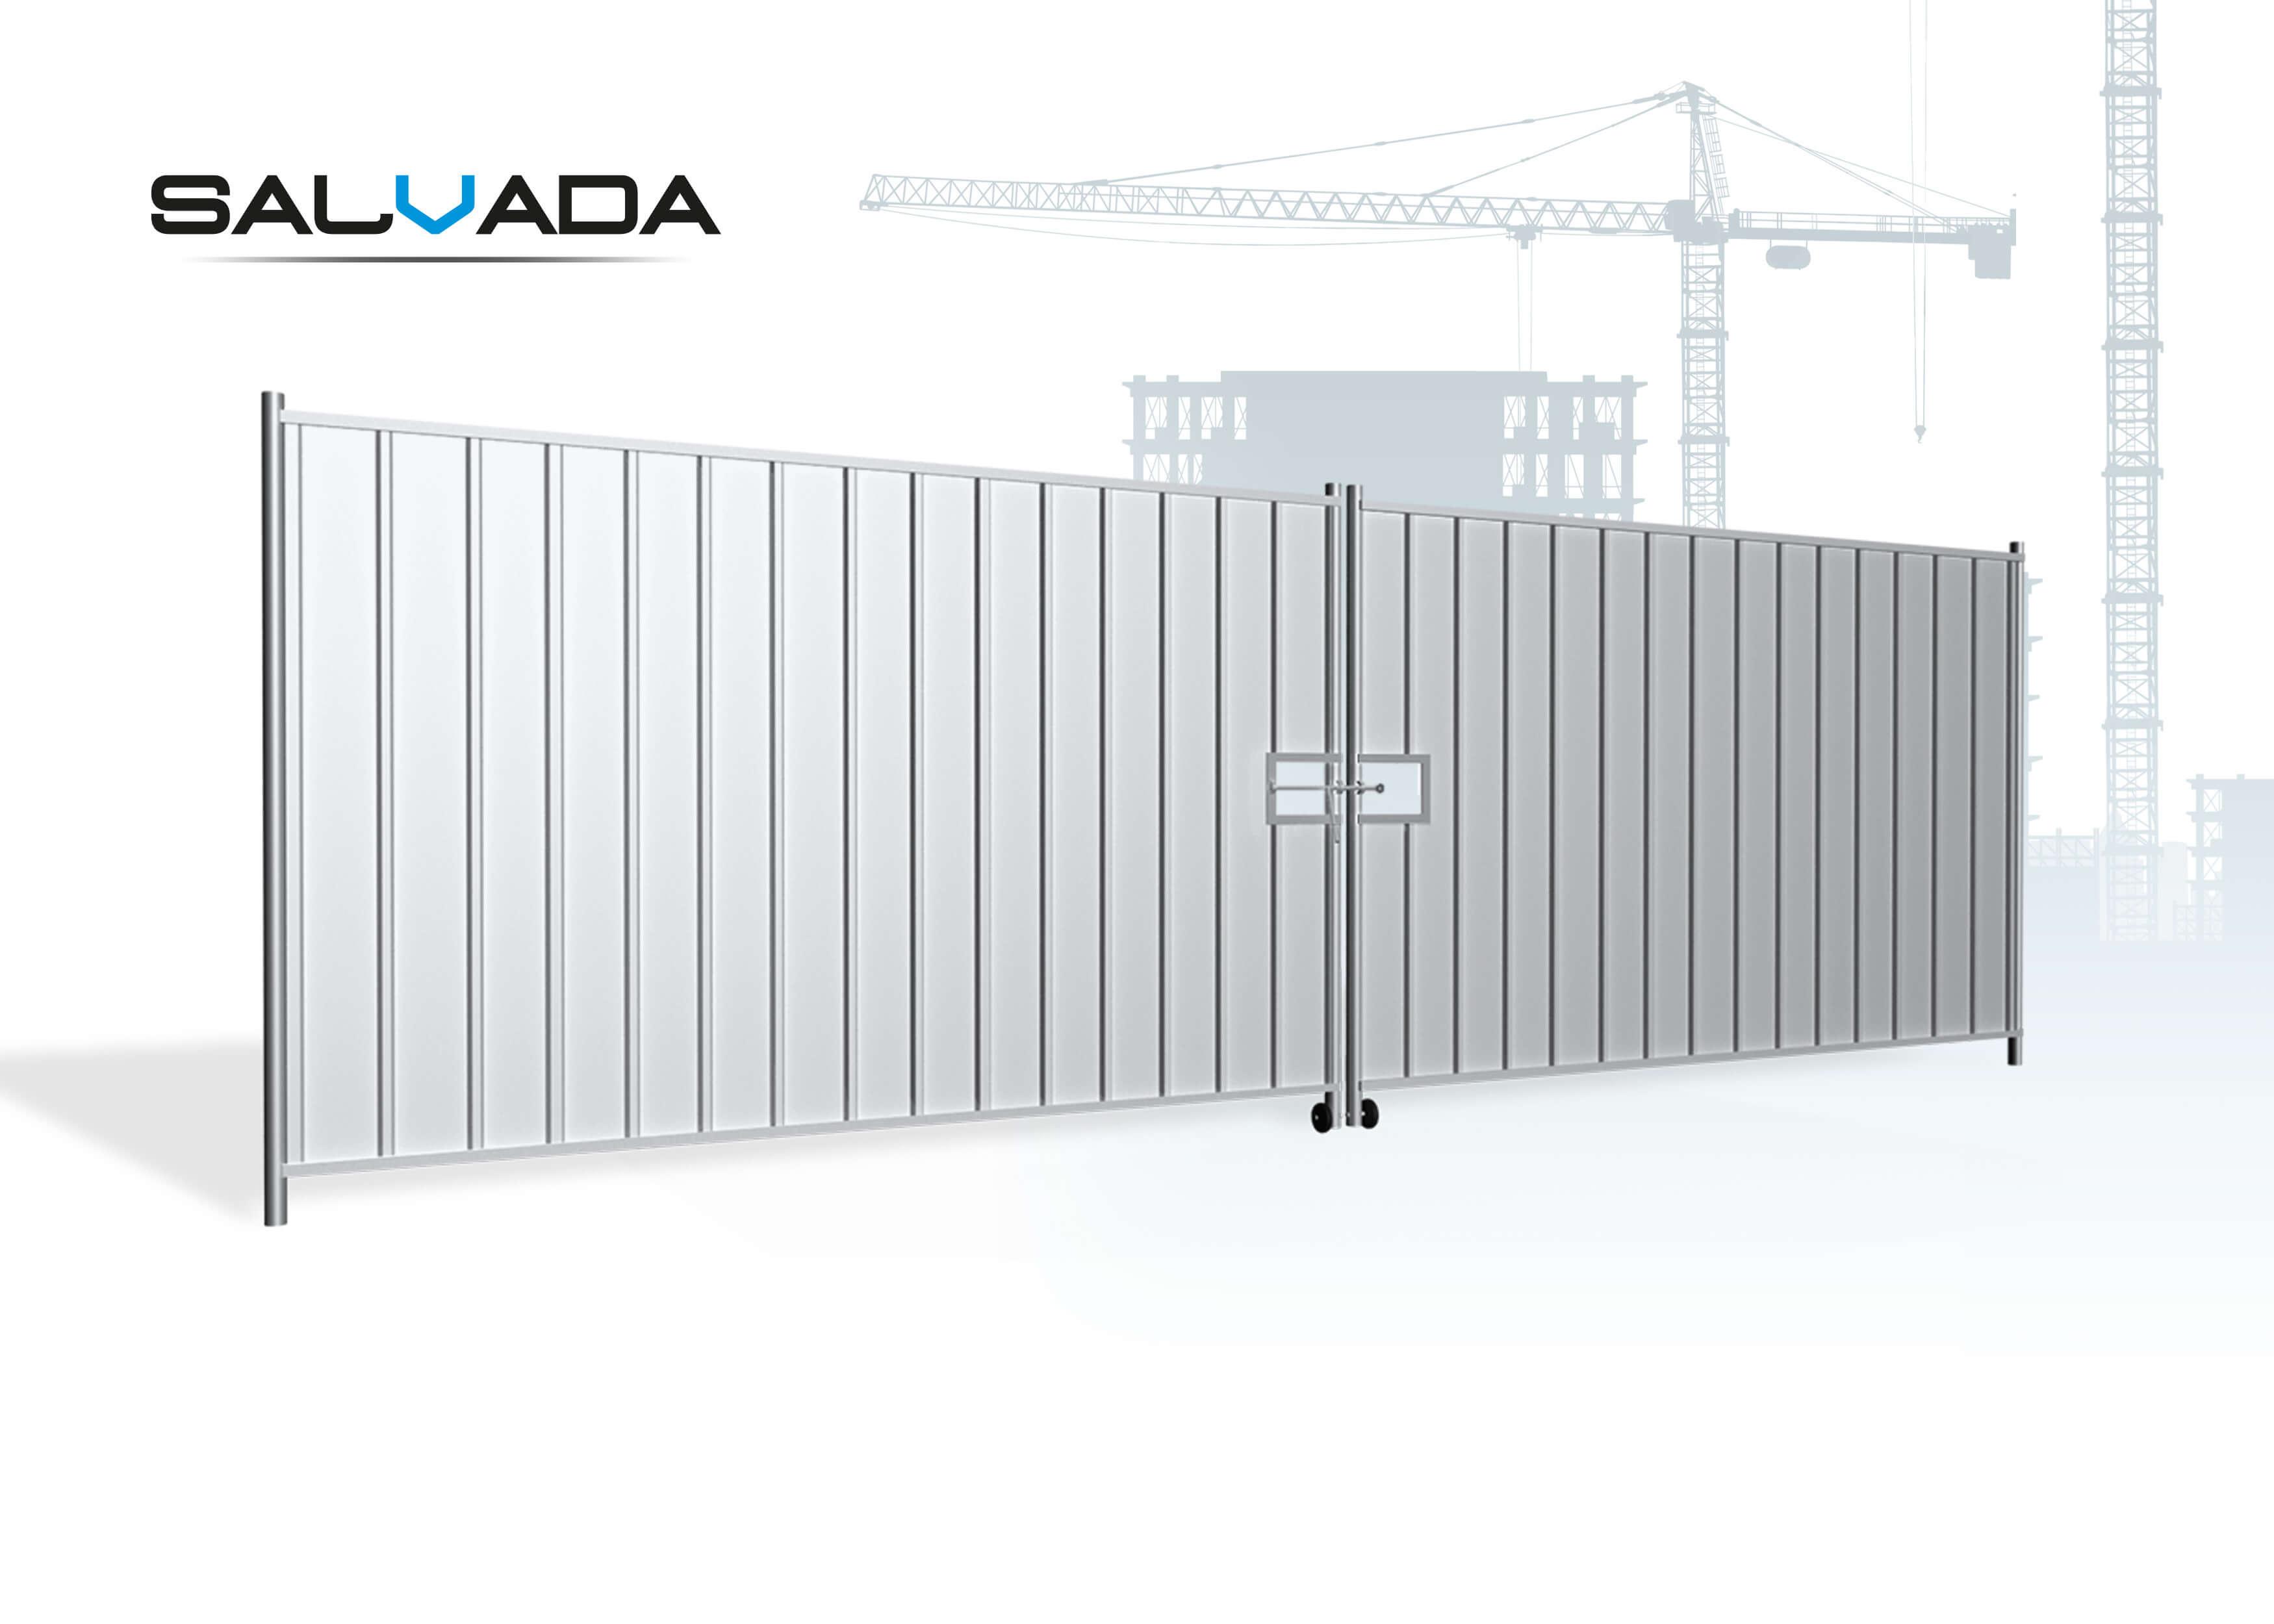 Brama tymczasowa pełna<br /> 2-skrzydłowa 5,8 m